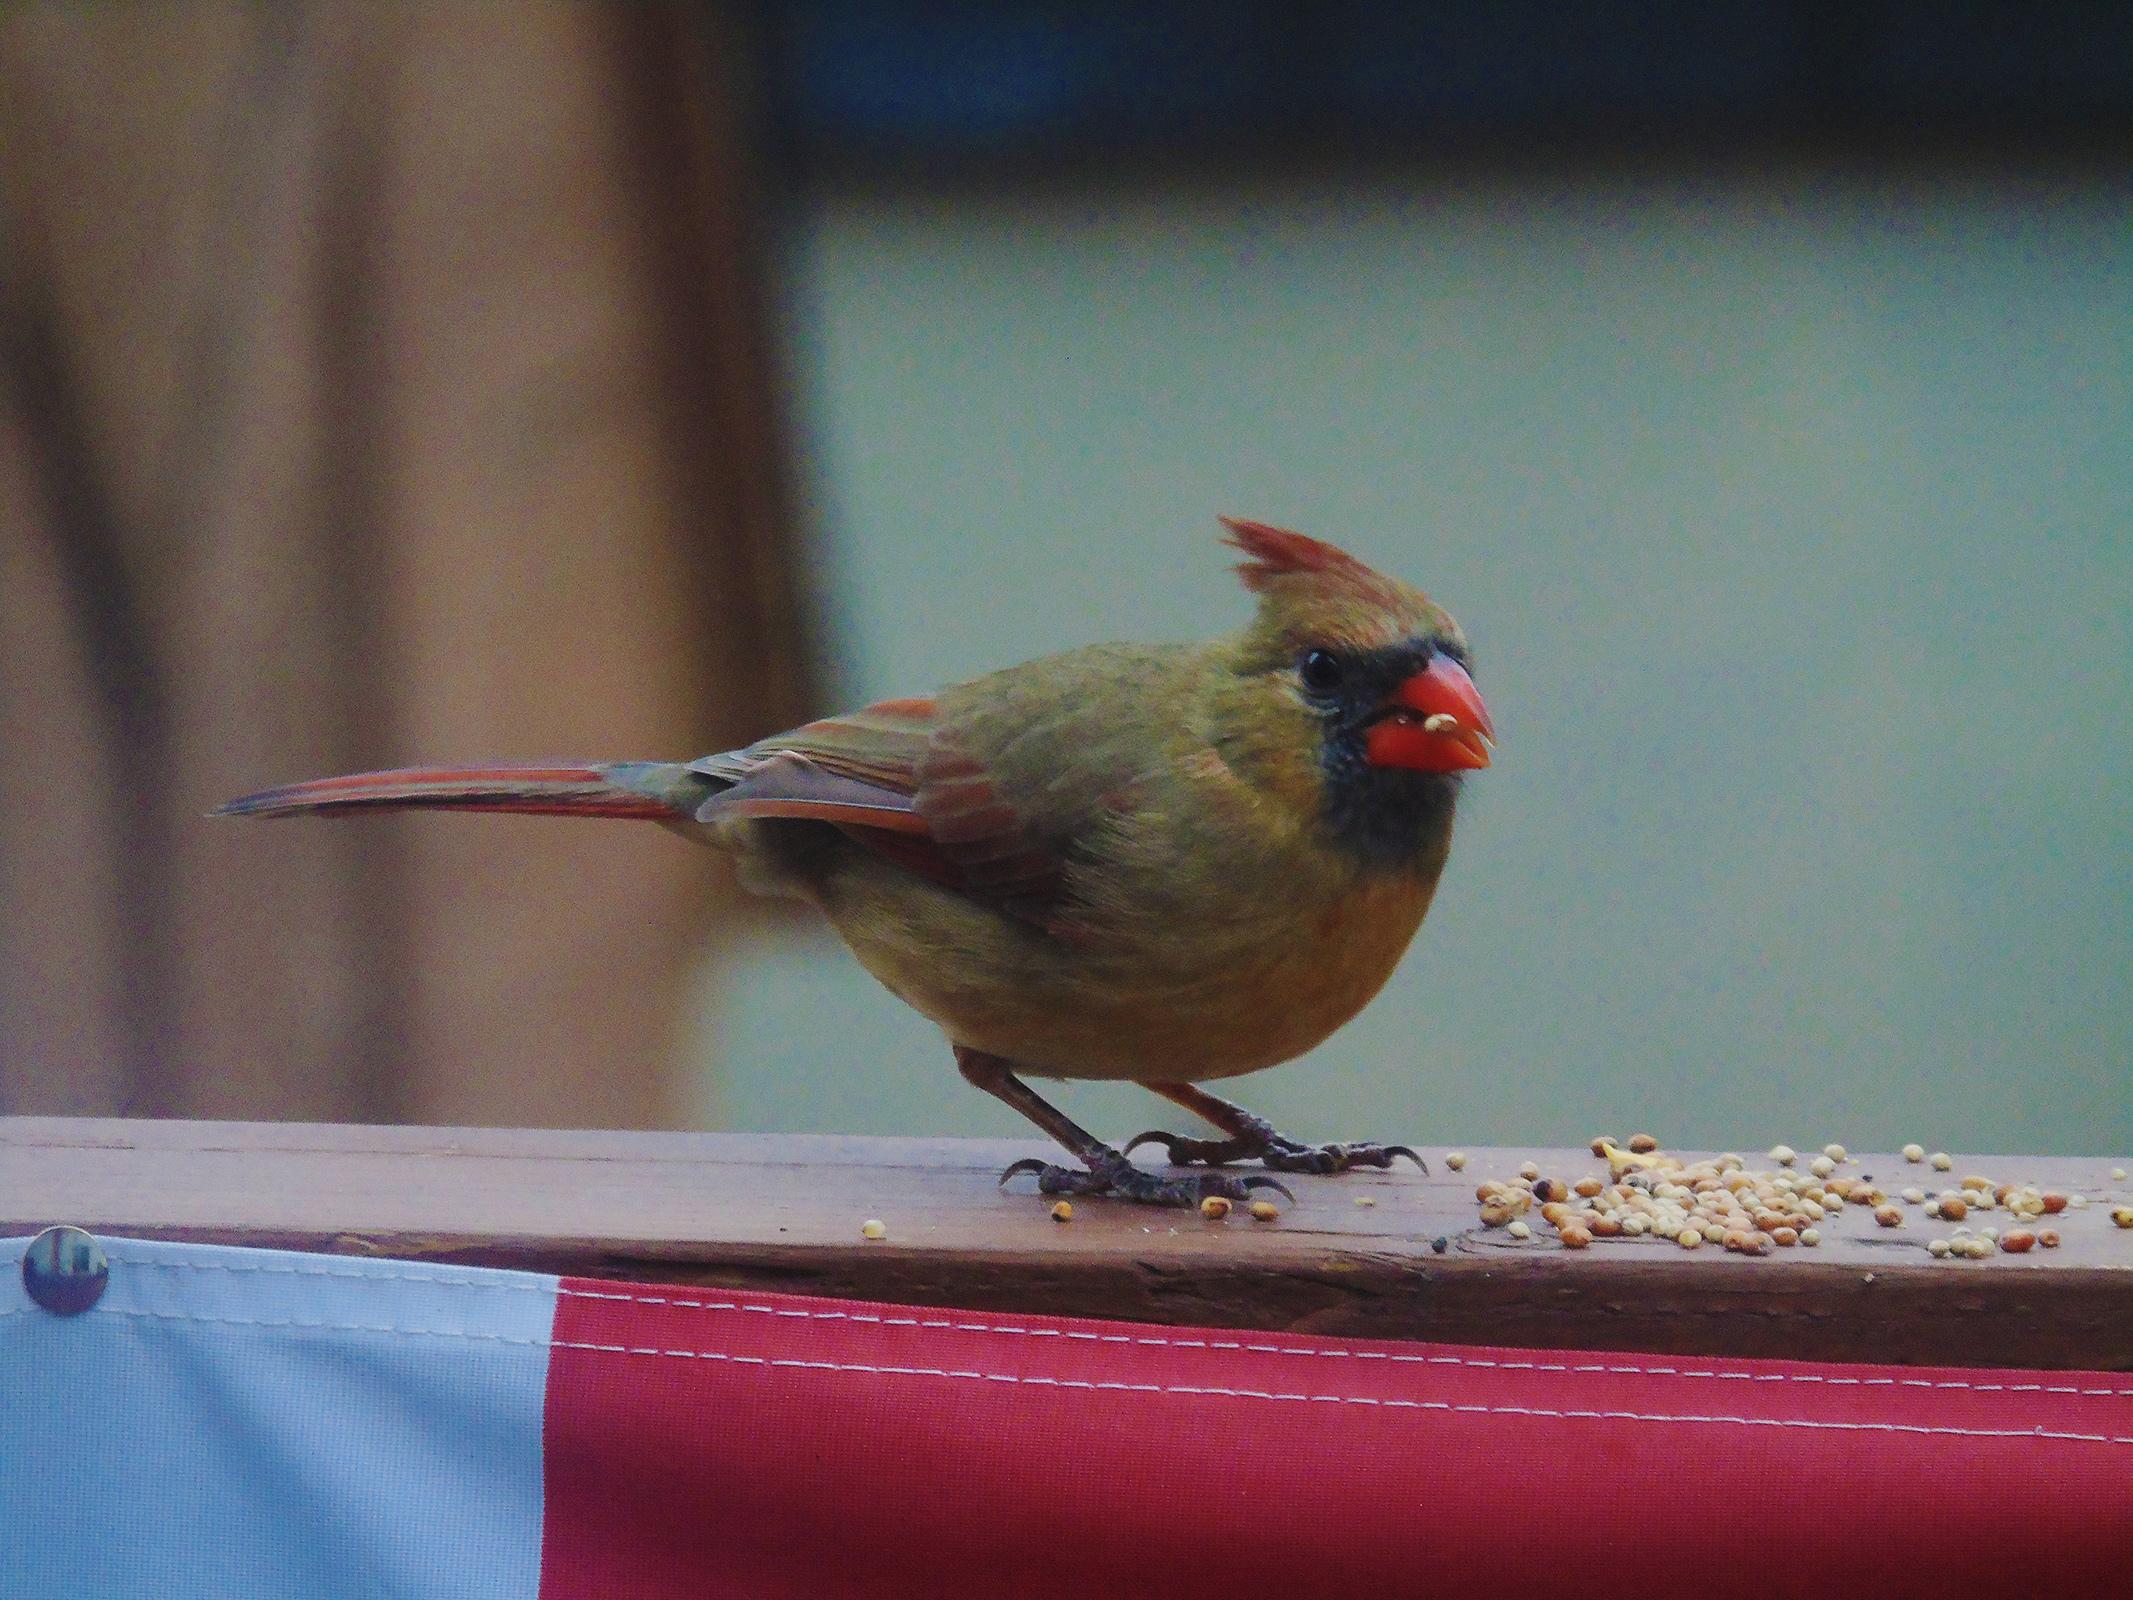 redbird_female1_ul